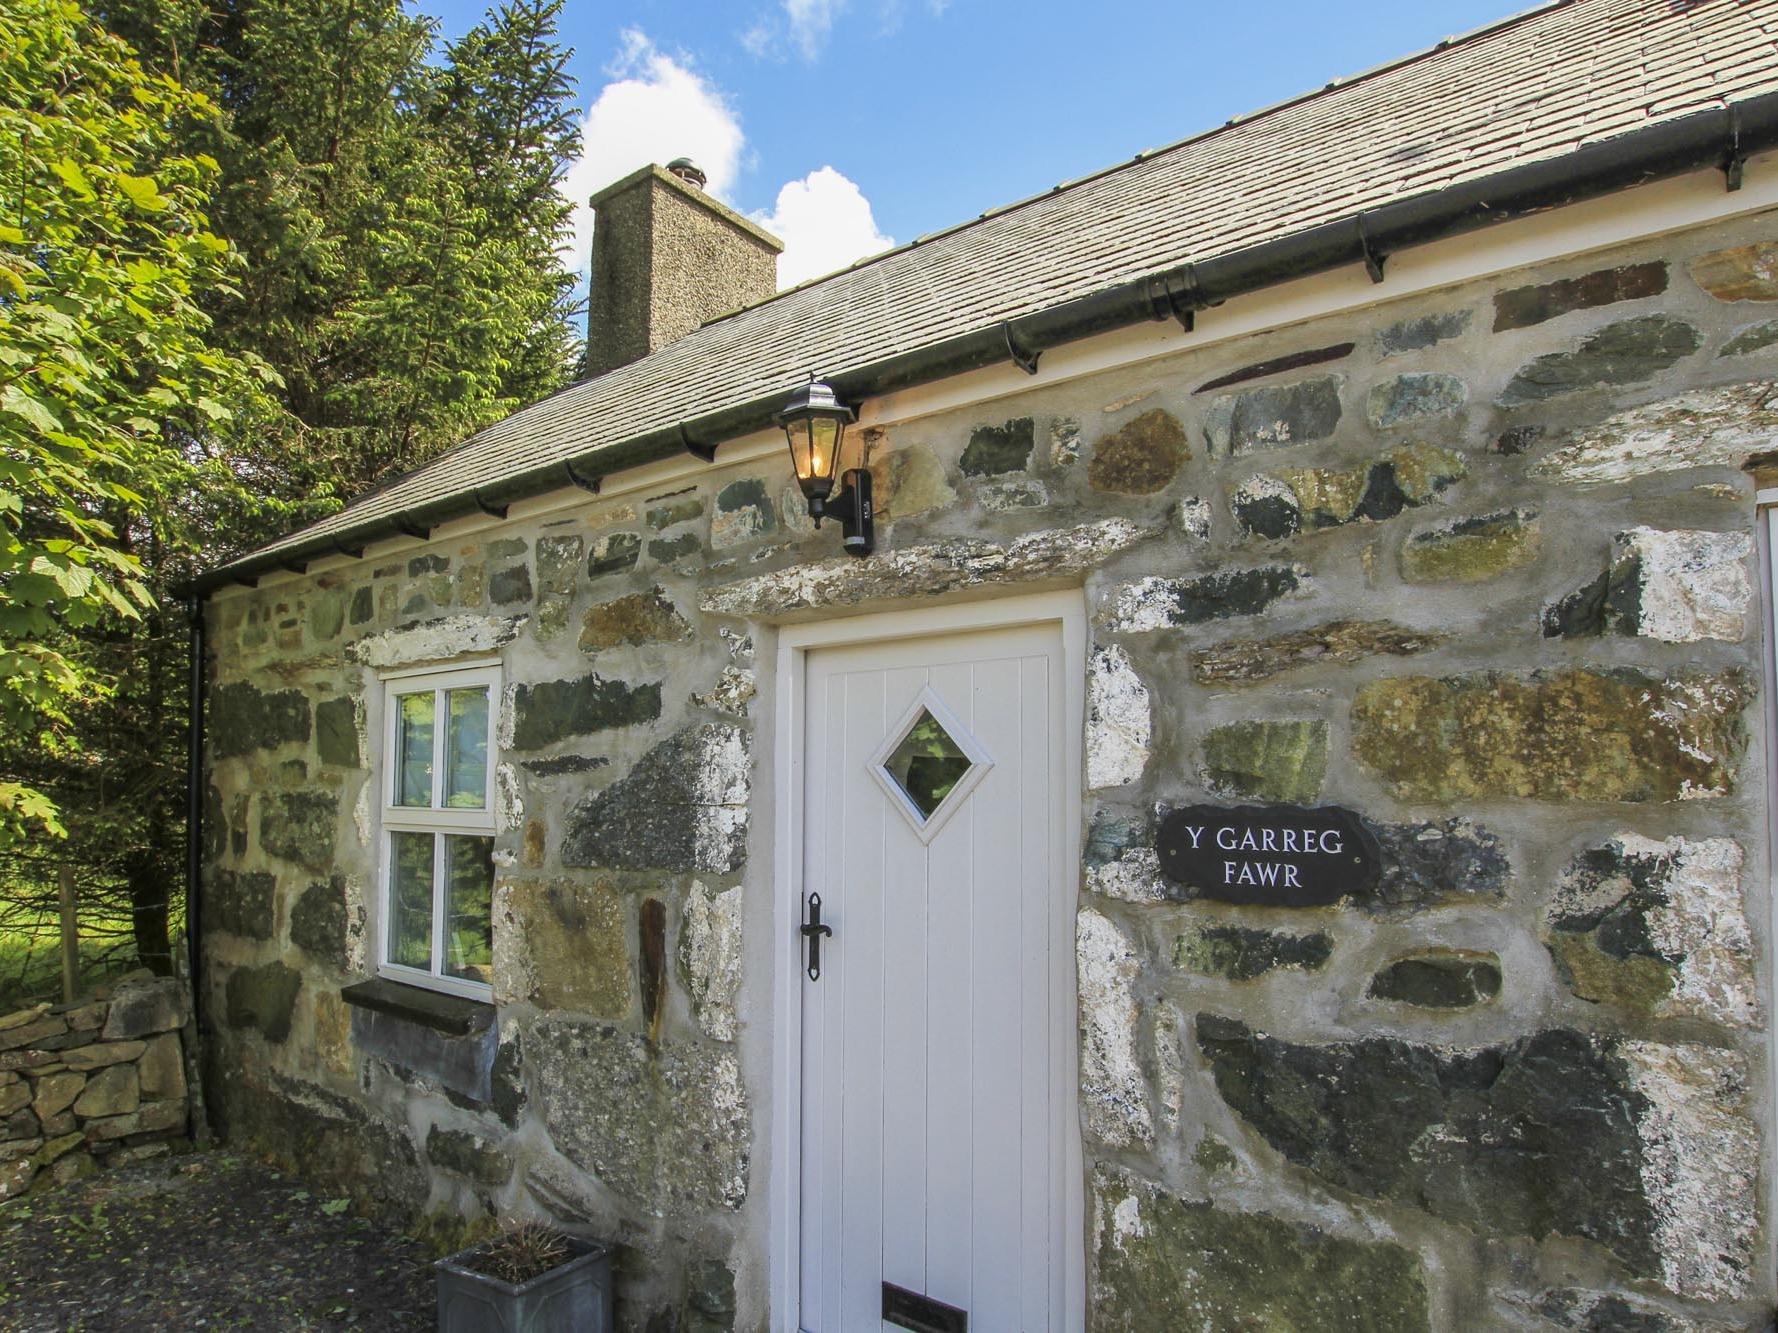 Y Garreg Fawr, Snowdonia and North Wales